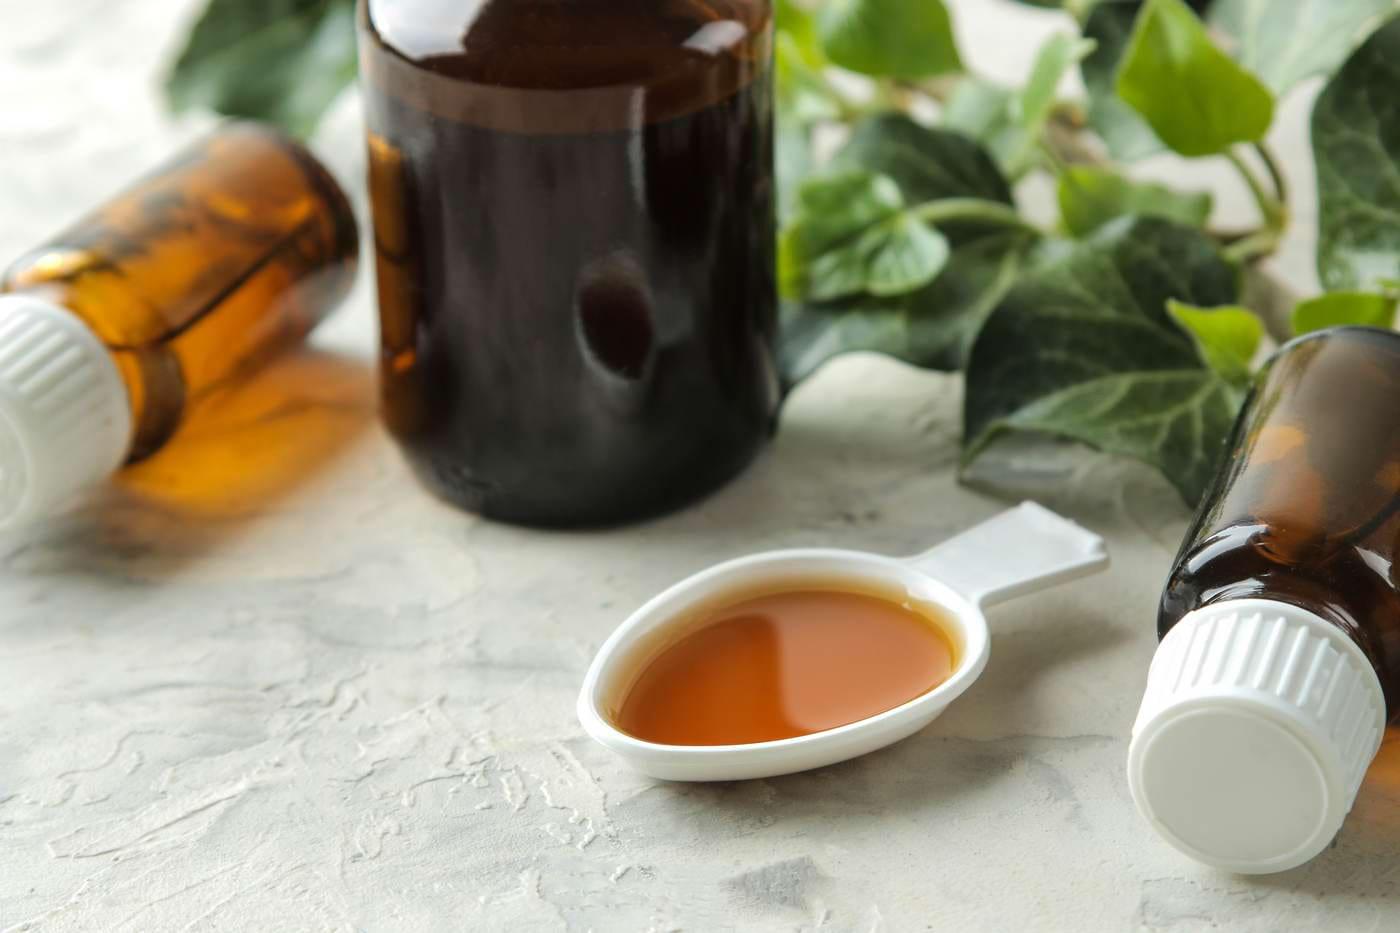 (P) Extractul de iederă, soluția naturală pentru calmarea tusei